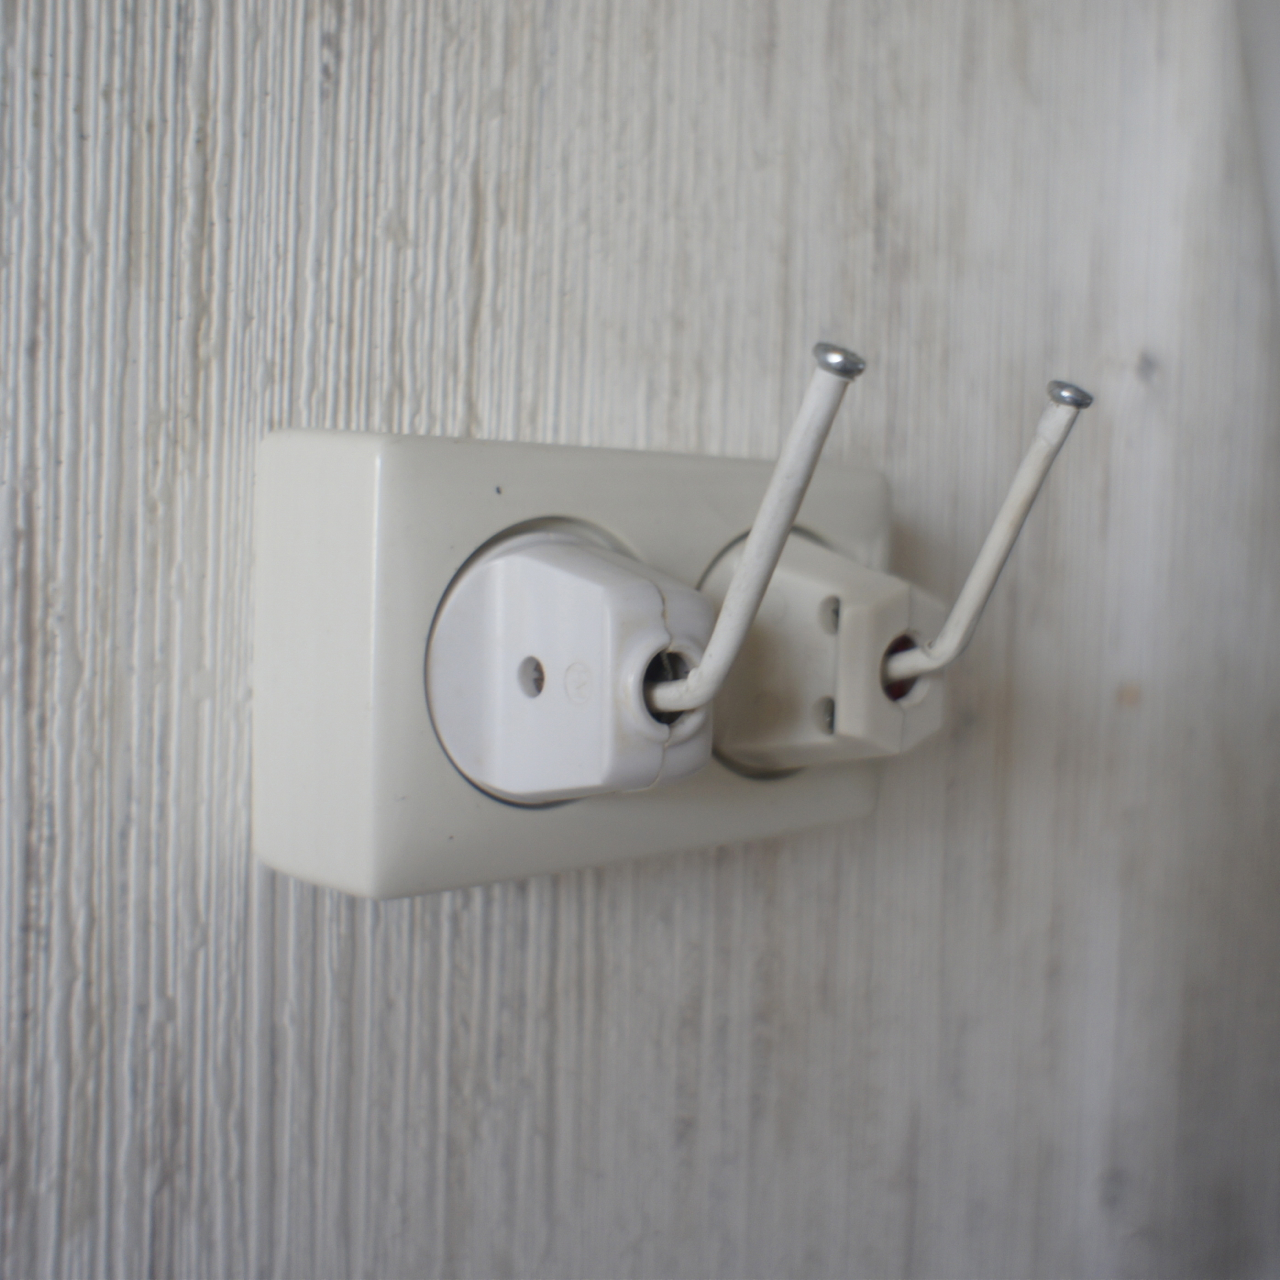 Outlet peg (coat hanger)